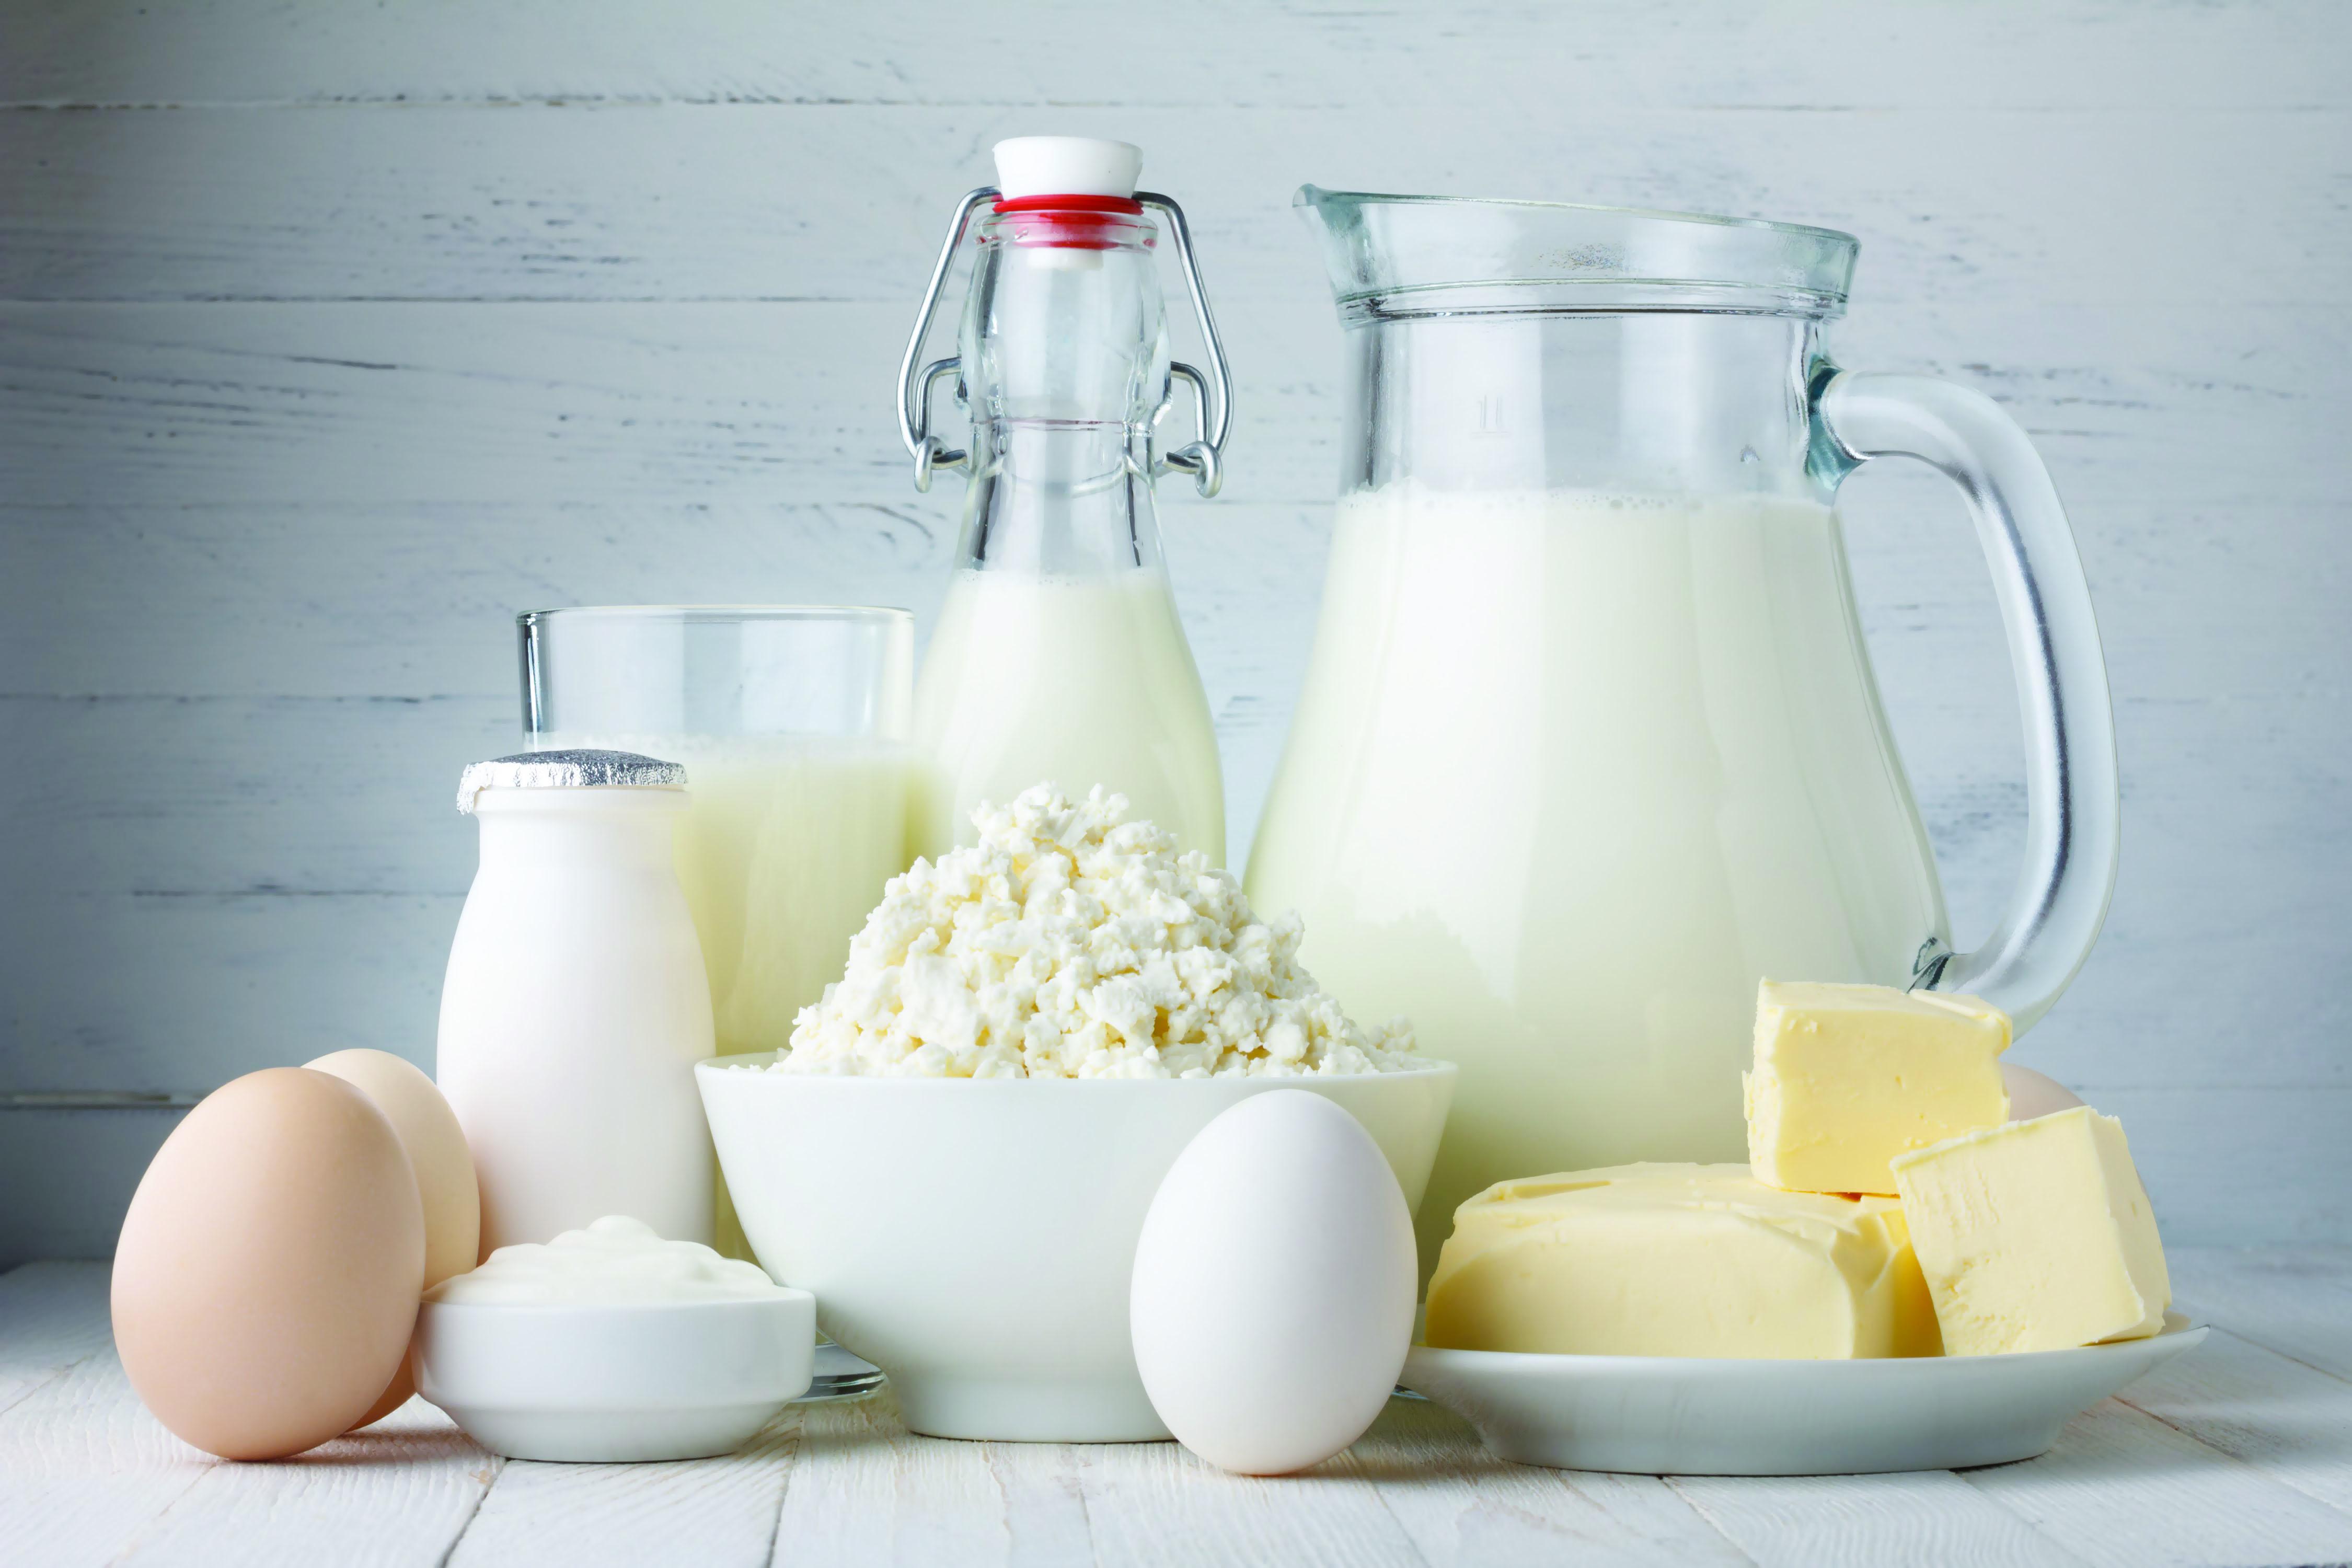 كثرة اللحوم والسكريات والألبان قد تسبب سرطانات البروستات والثدي والقولون